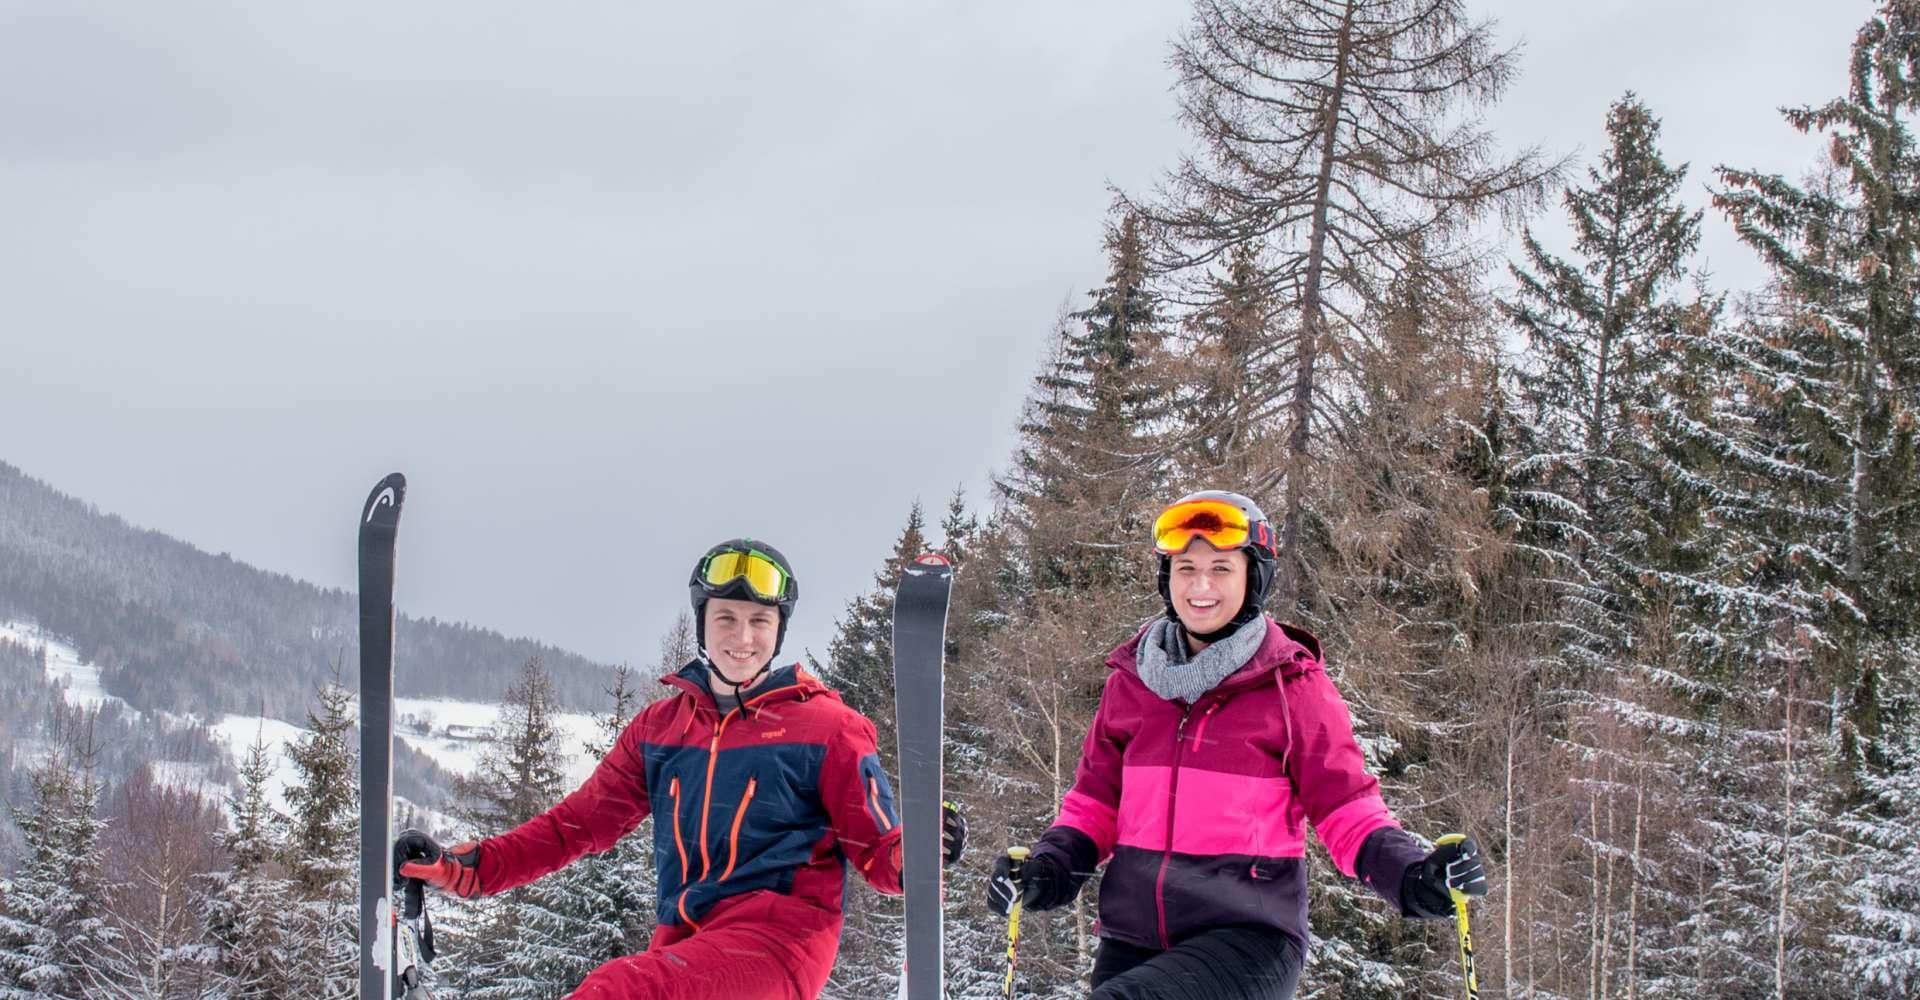 <p>Skifahren in der Region Spielberg. Egal ob in der Gaal oder Kleinlobming, es wird sicher ein Spaß.</p> Copyright: